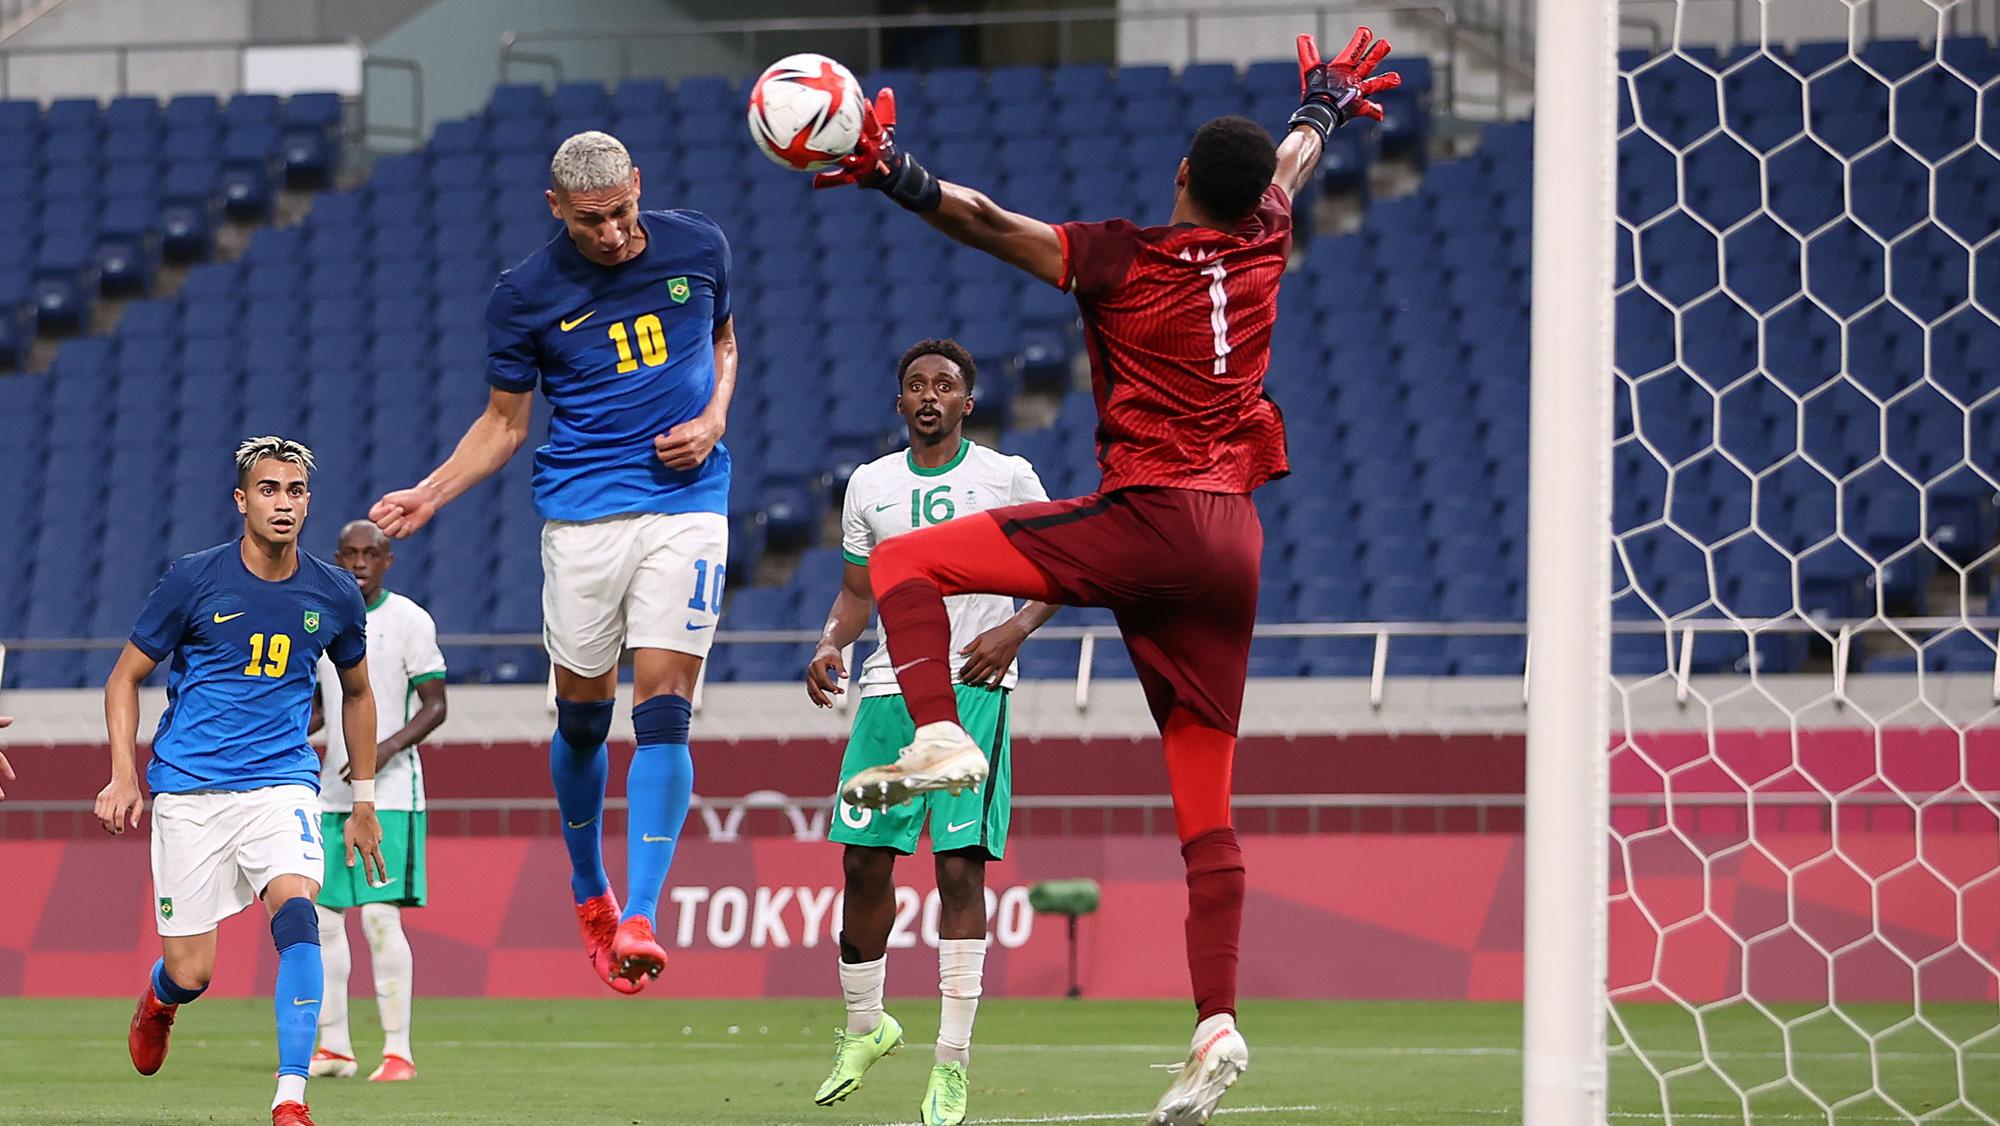 Hàn Quốc, Brazil vào tứ kết bóng đá nam Olympic Tokyo - Báo Người lao động